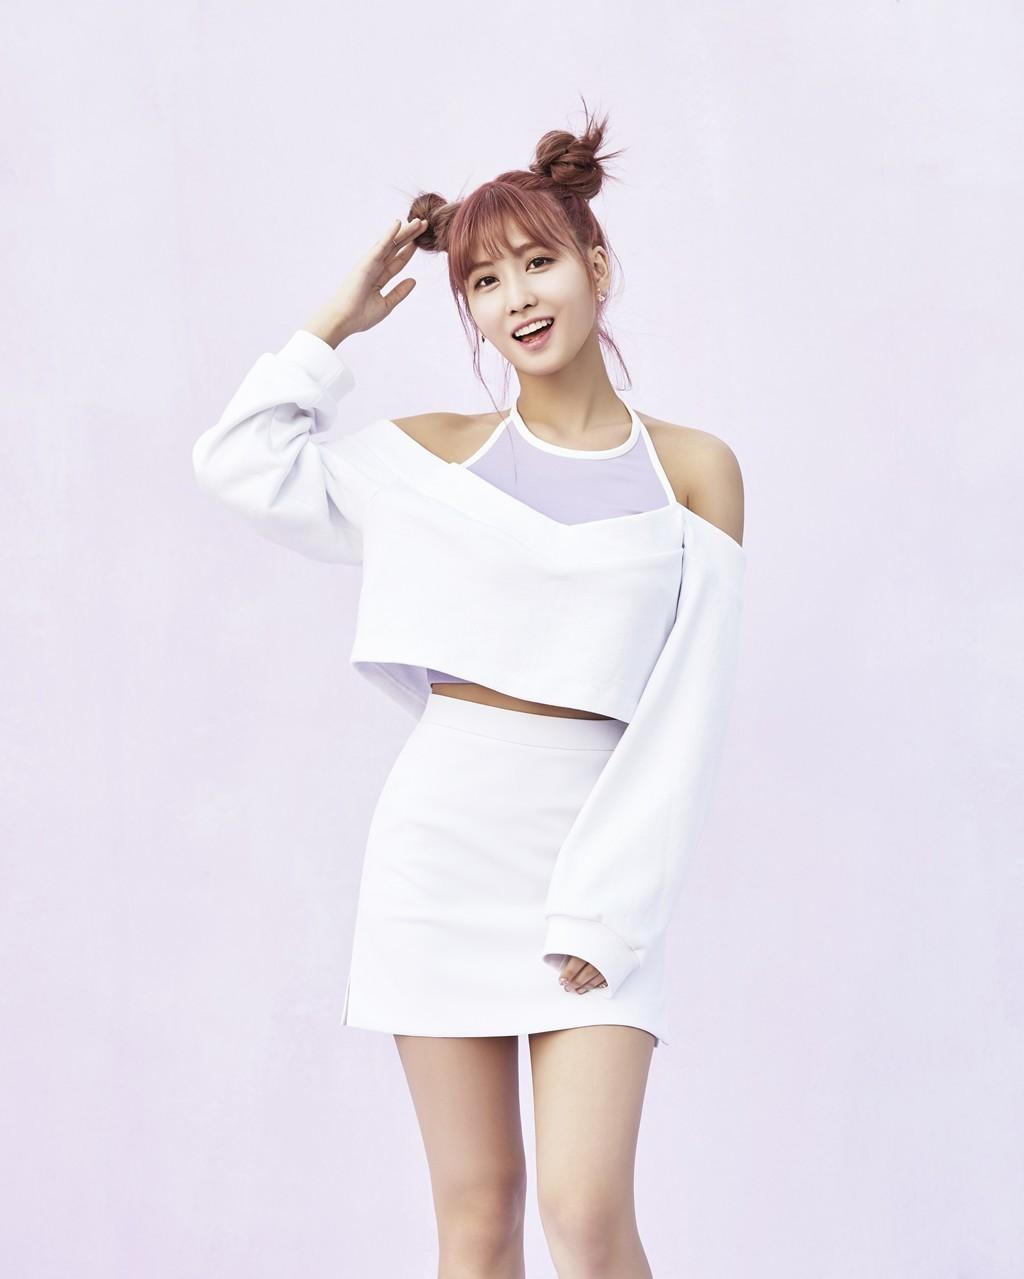 Song jihyo in a frozen flower 5